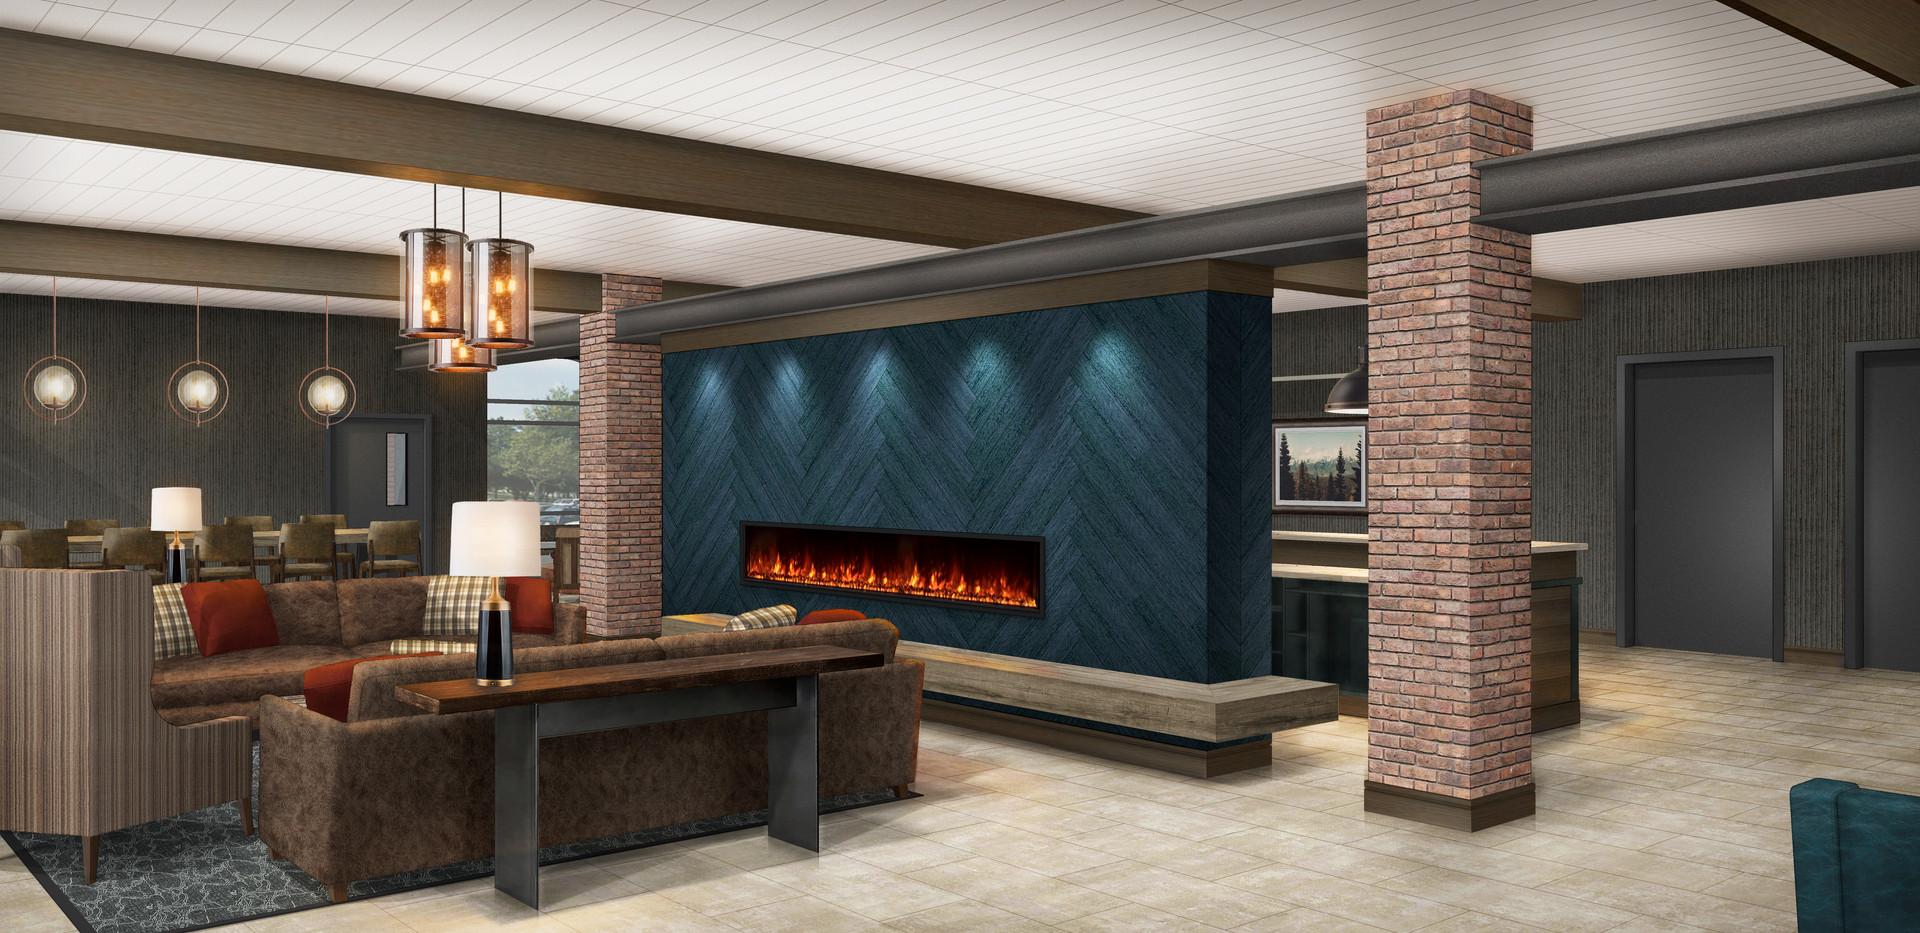 Wildwood Lobby Fireplace Seating Rendering